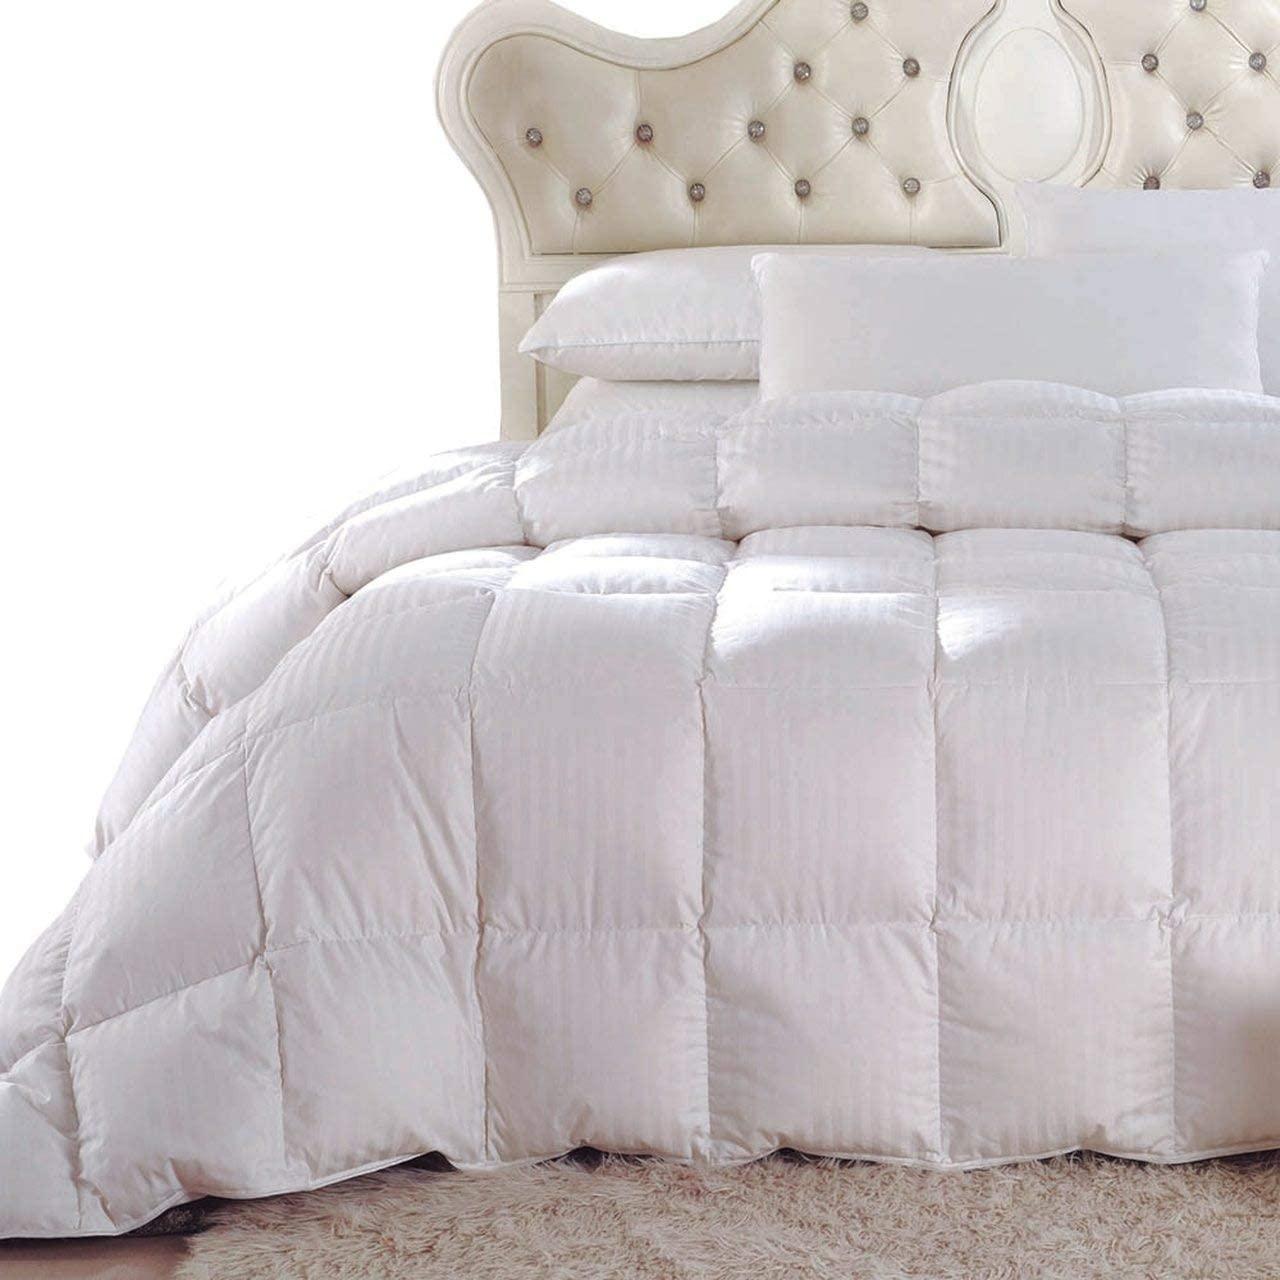 Royal Hotel Down Comforter, Hypoallergenic Down Comforters,